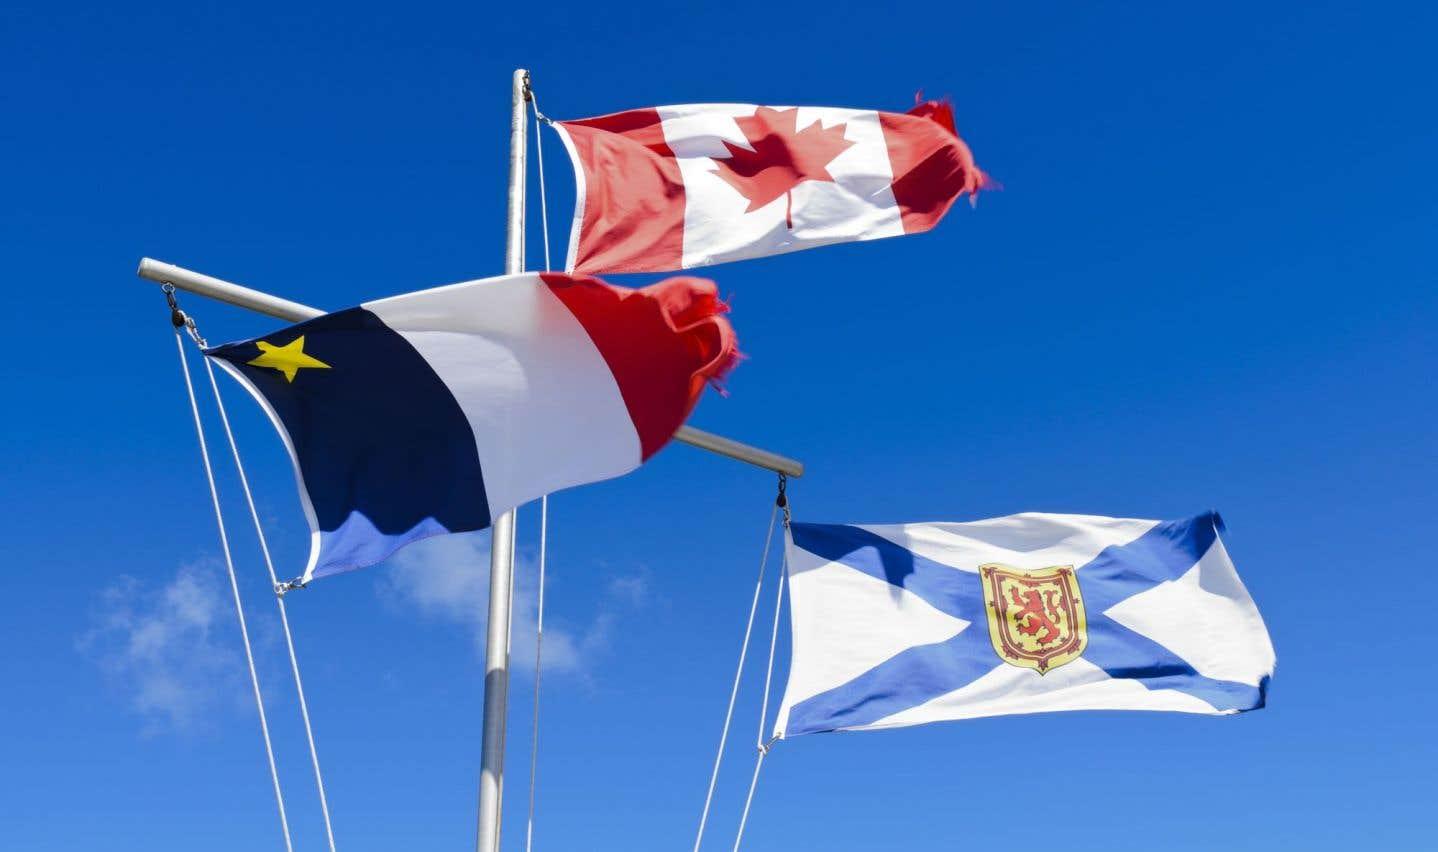 La Nouvelle-Écosse a violé les droits constitutionnels des Acadiens